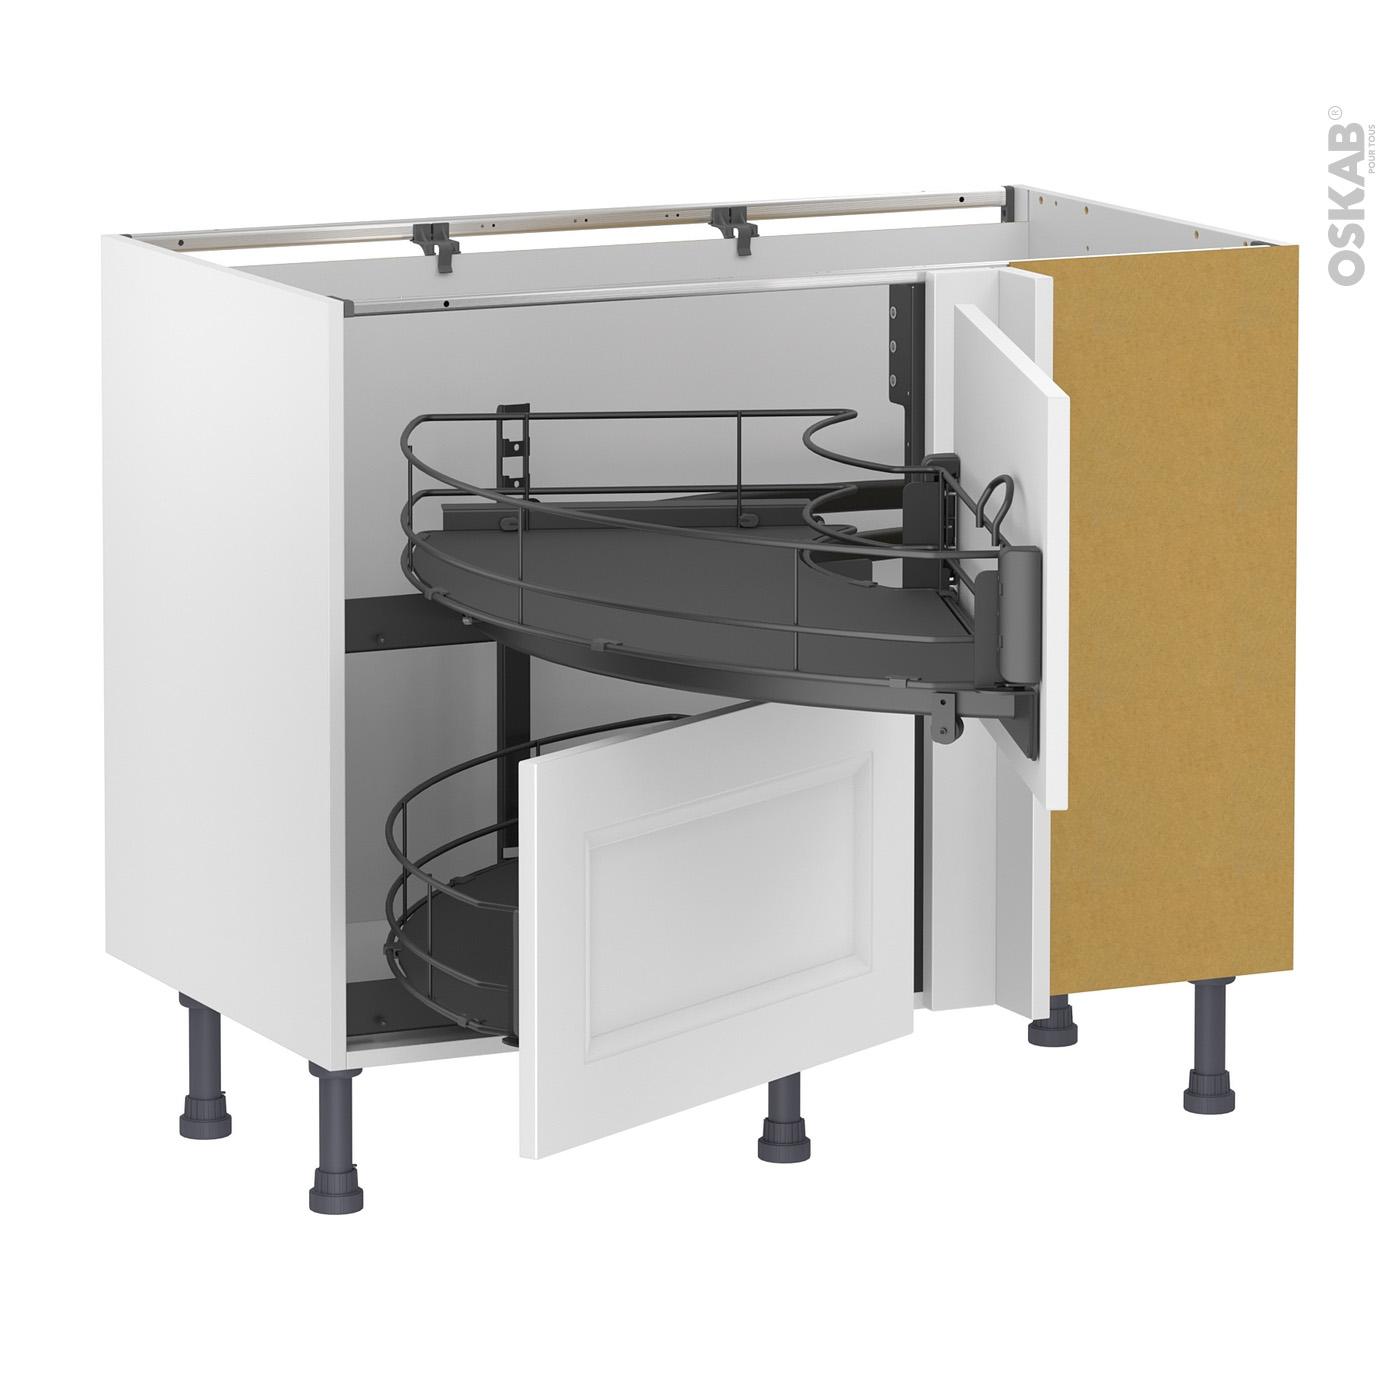 Cuisine Avec Plan De Travail Coulissant meuble de cuisine angle bas static blanc, demi lune coulissant epoxy-  tirant droit 2 tiroirs l60 cm , l100 x h70 x p58 cm